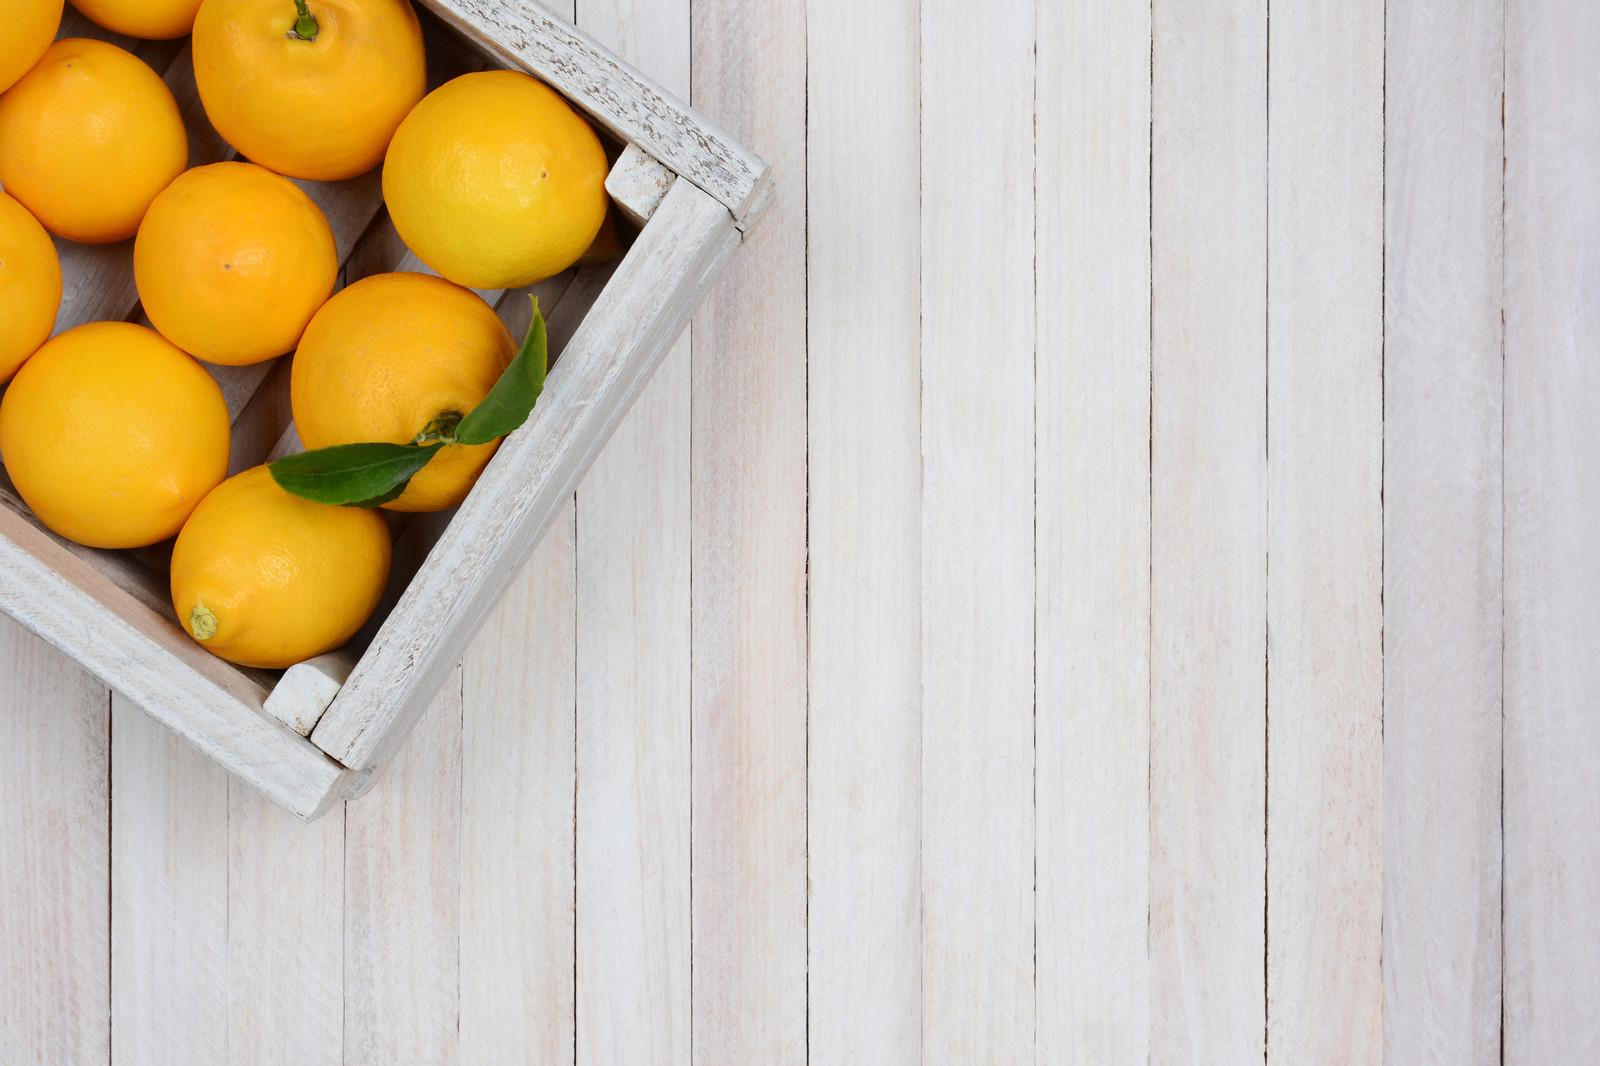 C mo decorar con cajas de fruta recicladas - Como decorar cajas de fruta ...